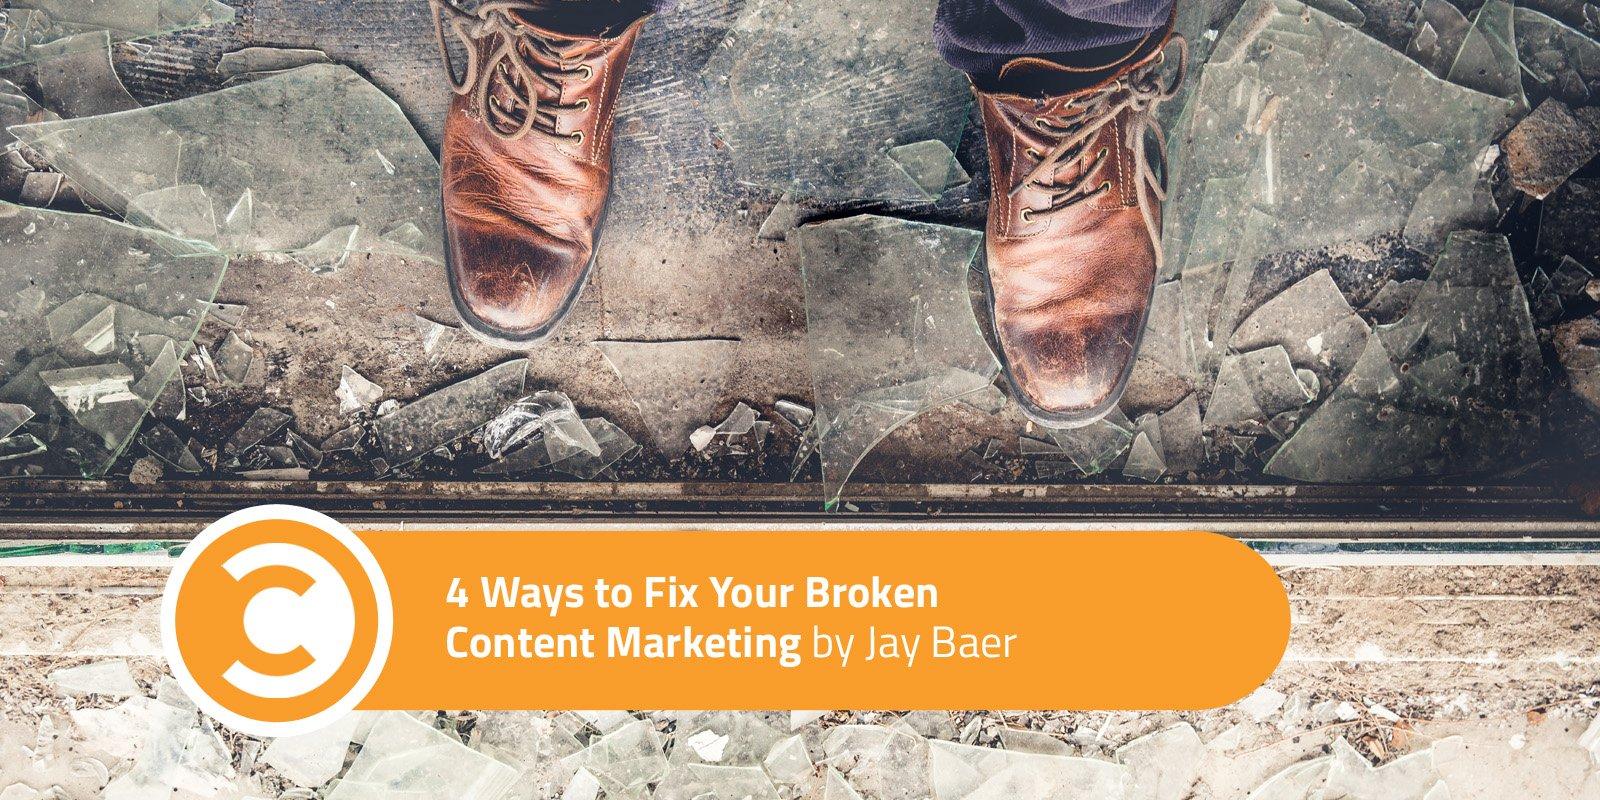 4 Ways to Fix Your Broken Content Marketing